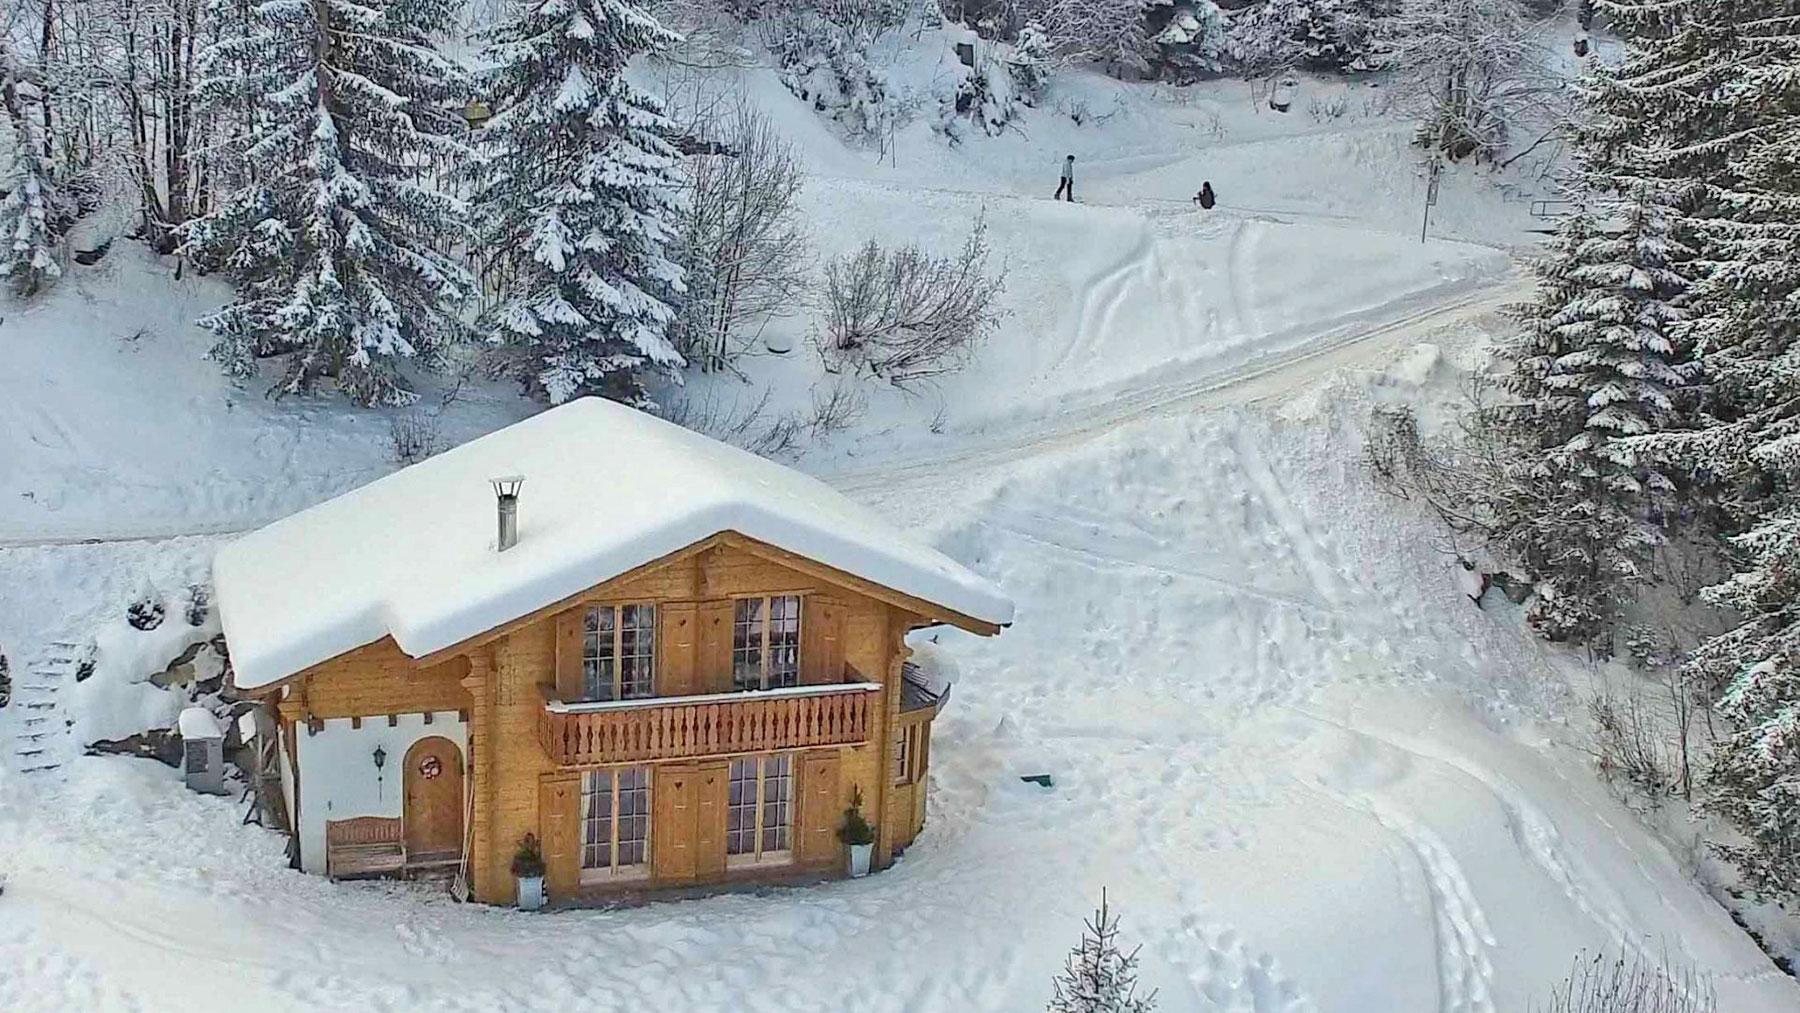 Mont Rose Chalet, Switzerland